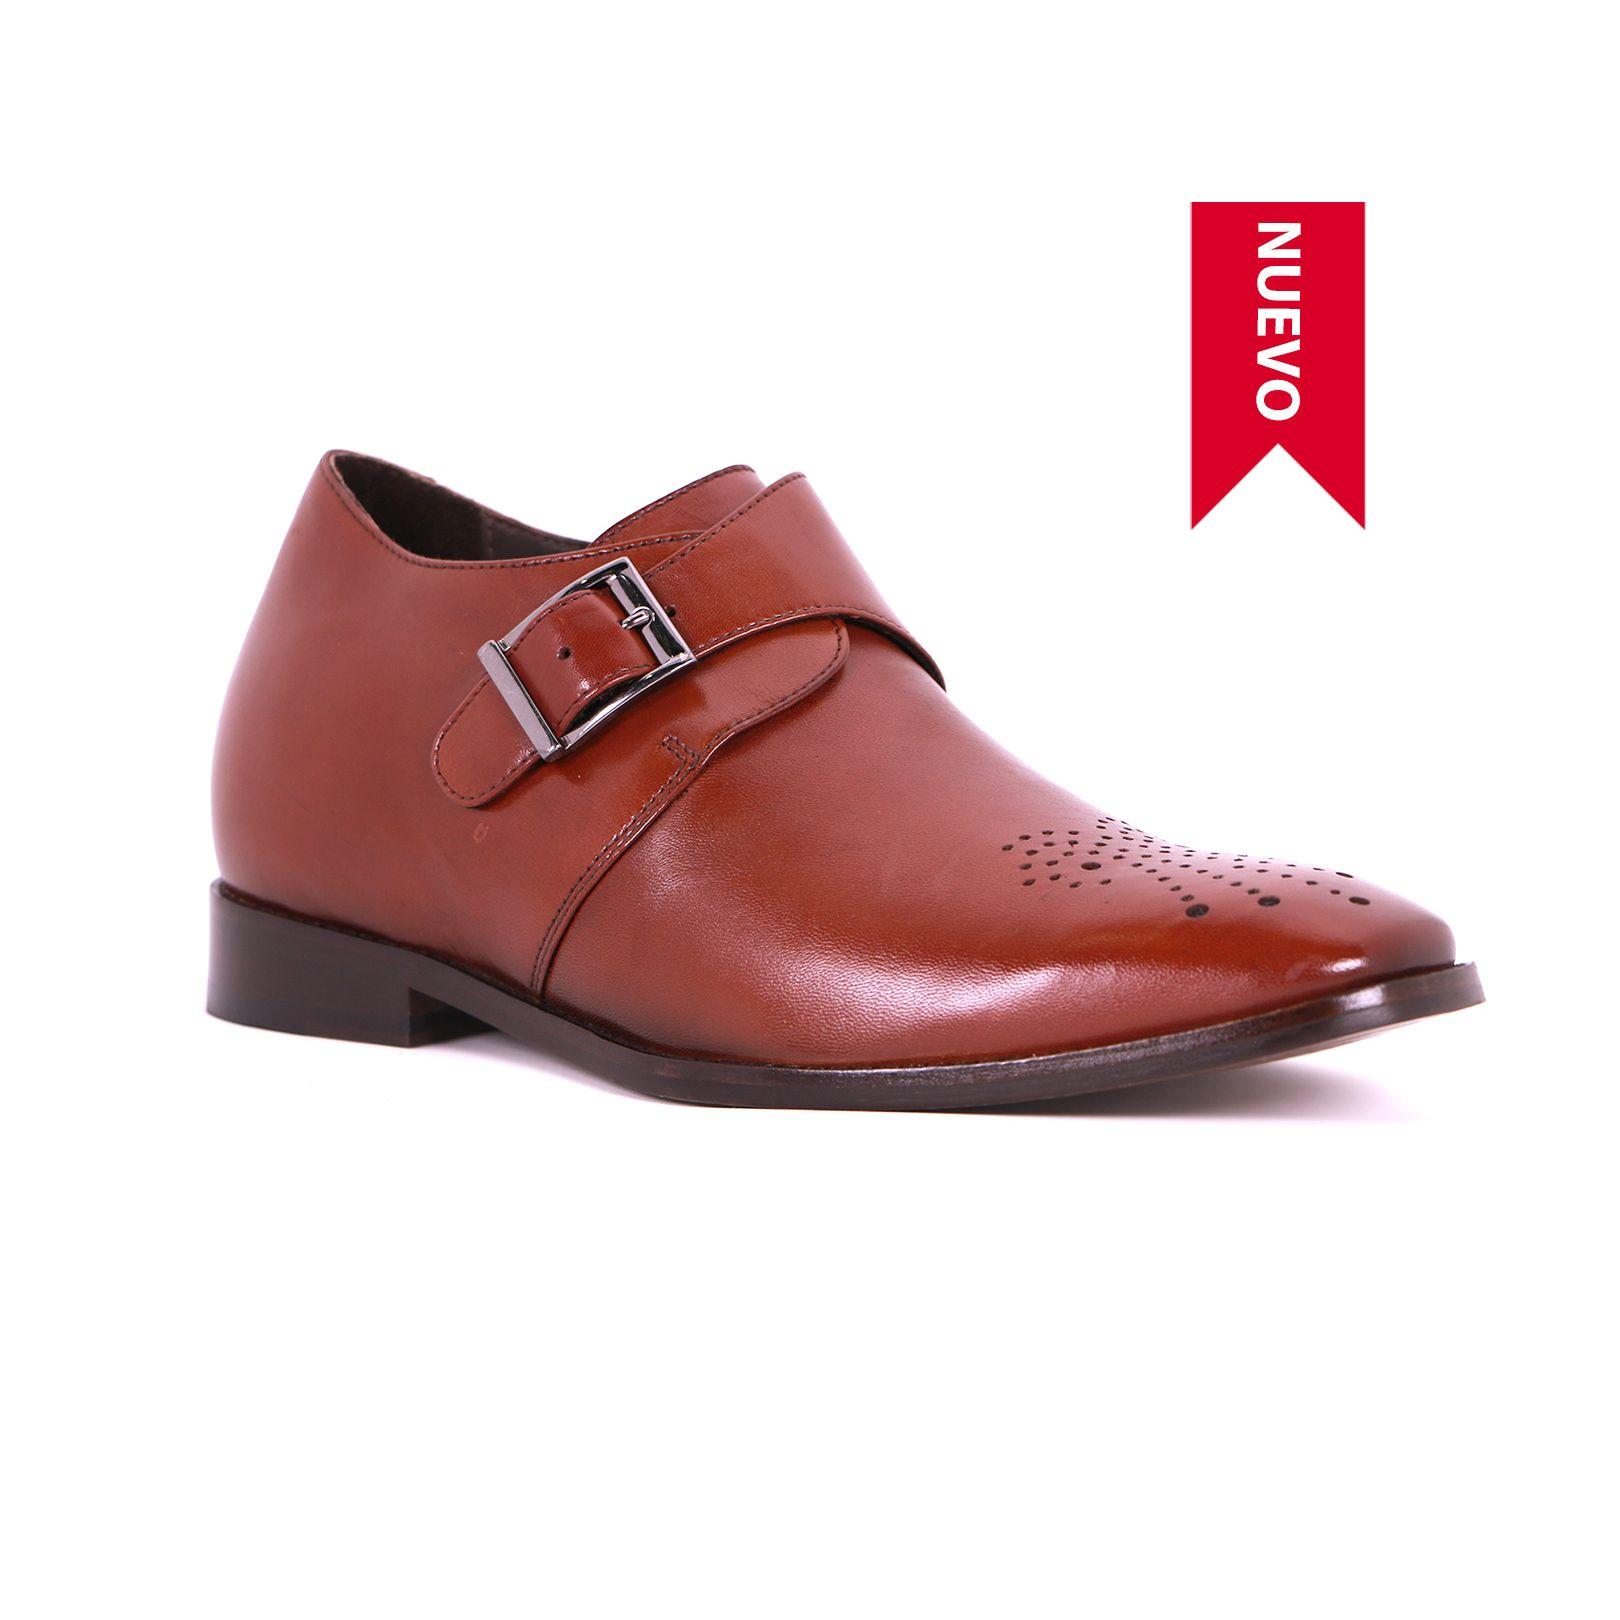 Zapato Formal Gentleman Café Oscuro Max Denegri +7cms de Altura_73440